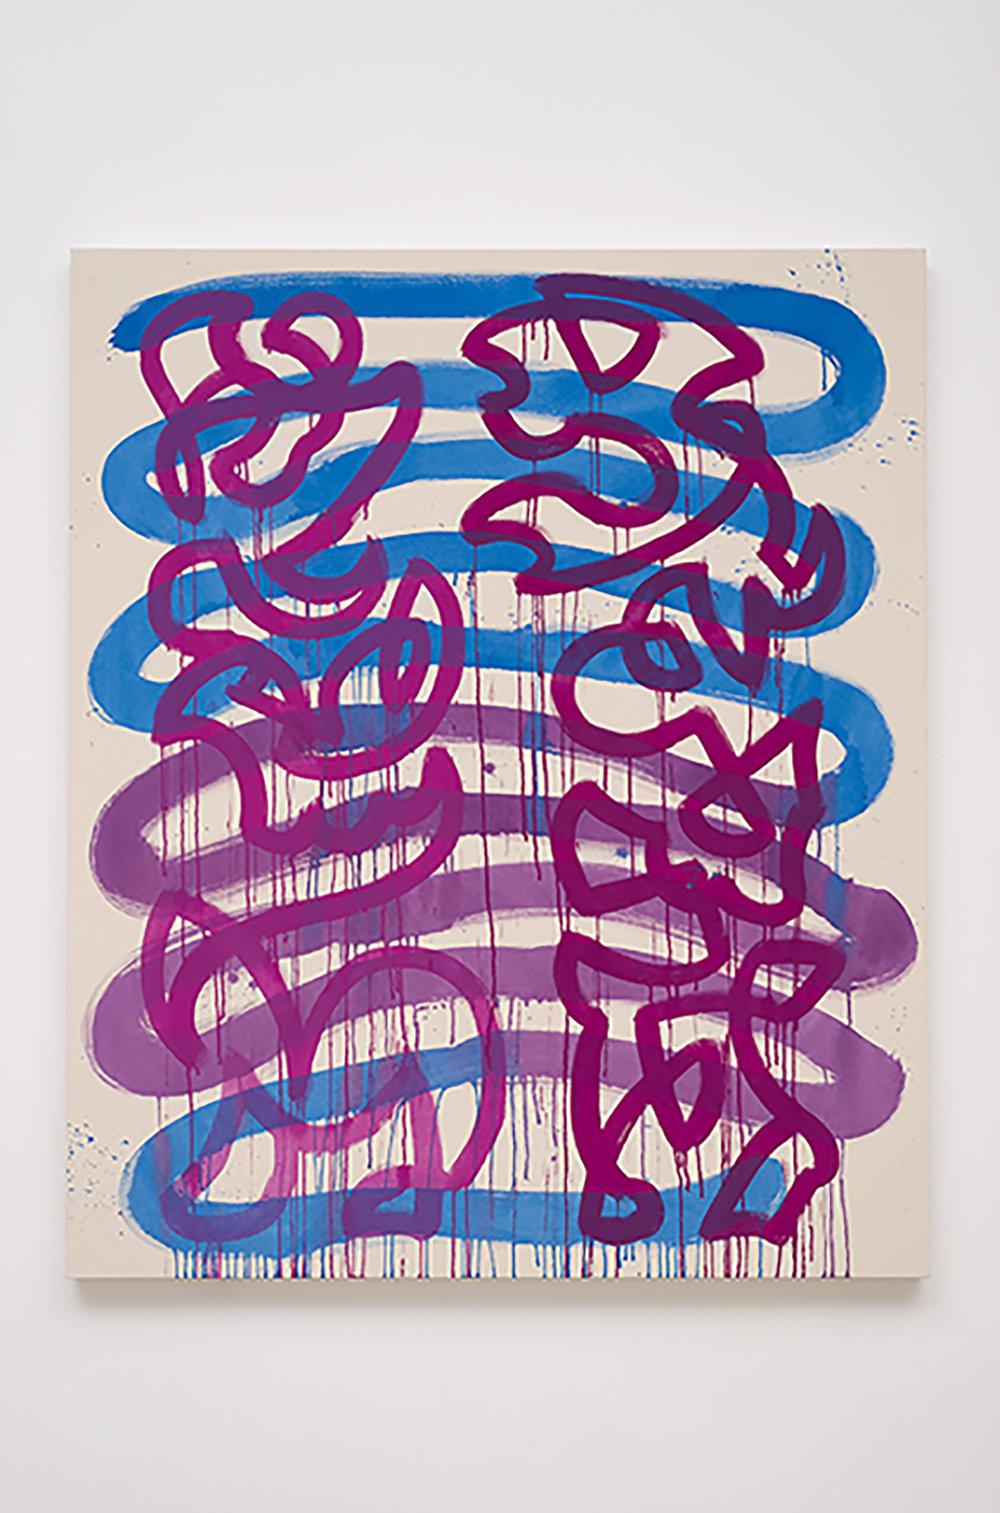 Monique Prieto  Tarantella , 2014 Oil on primed canvas 152.4 x 121.9 cm 60 x 48 in Photo: © Monique Prieto Courtesy of Chimento Contemporary